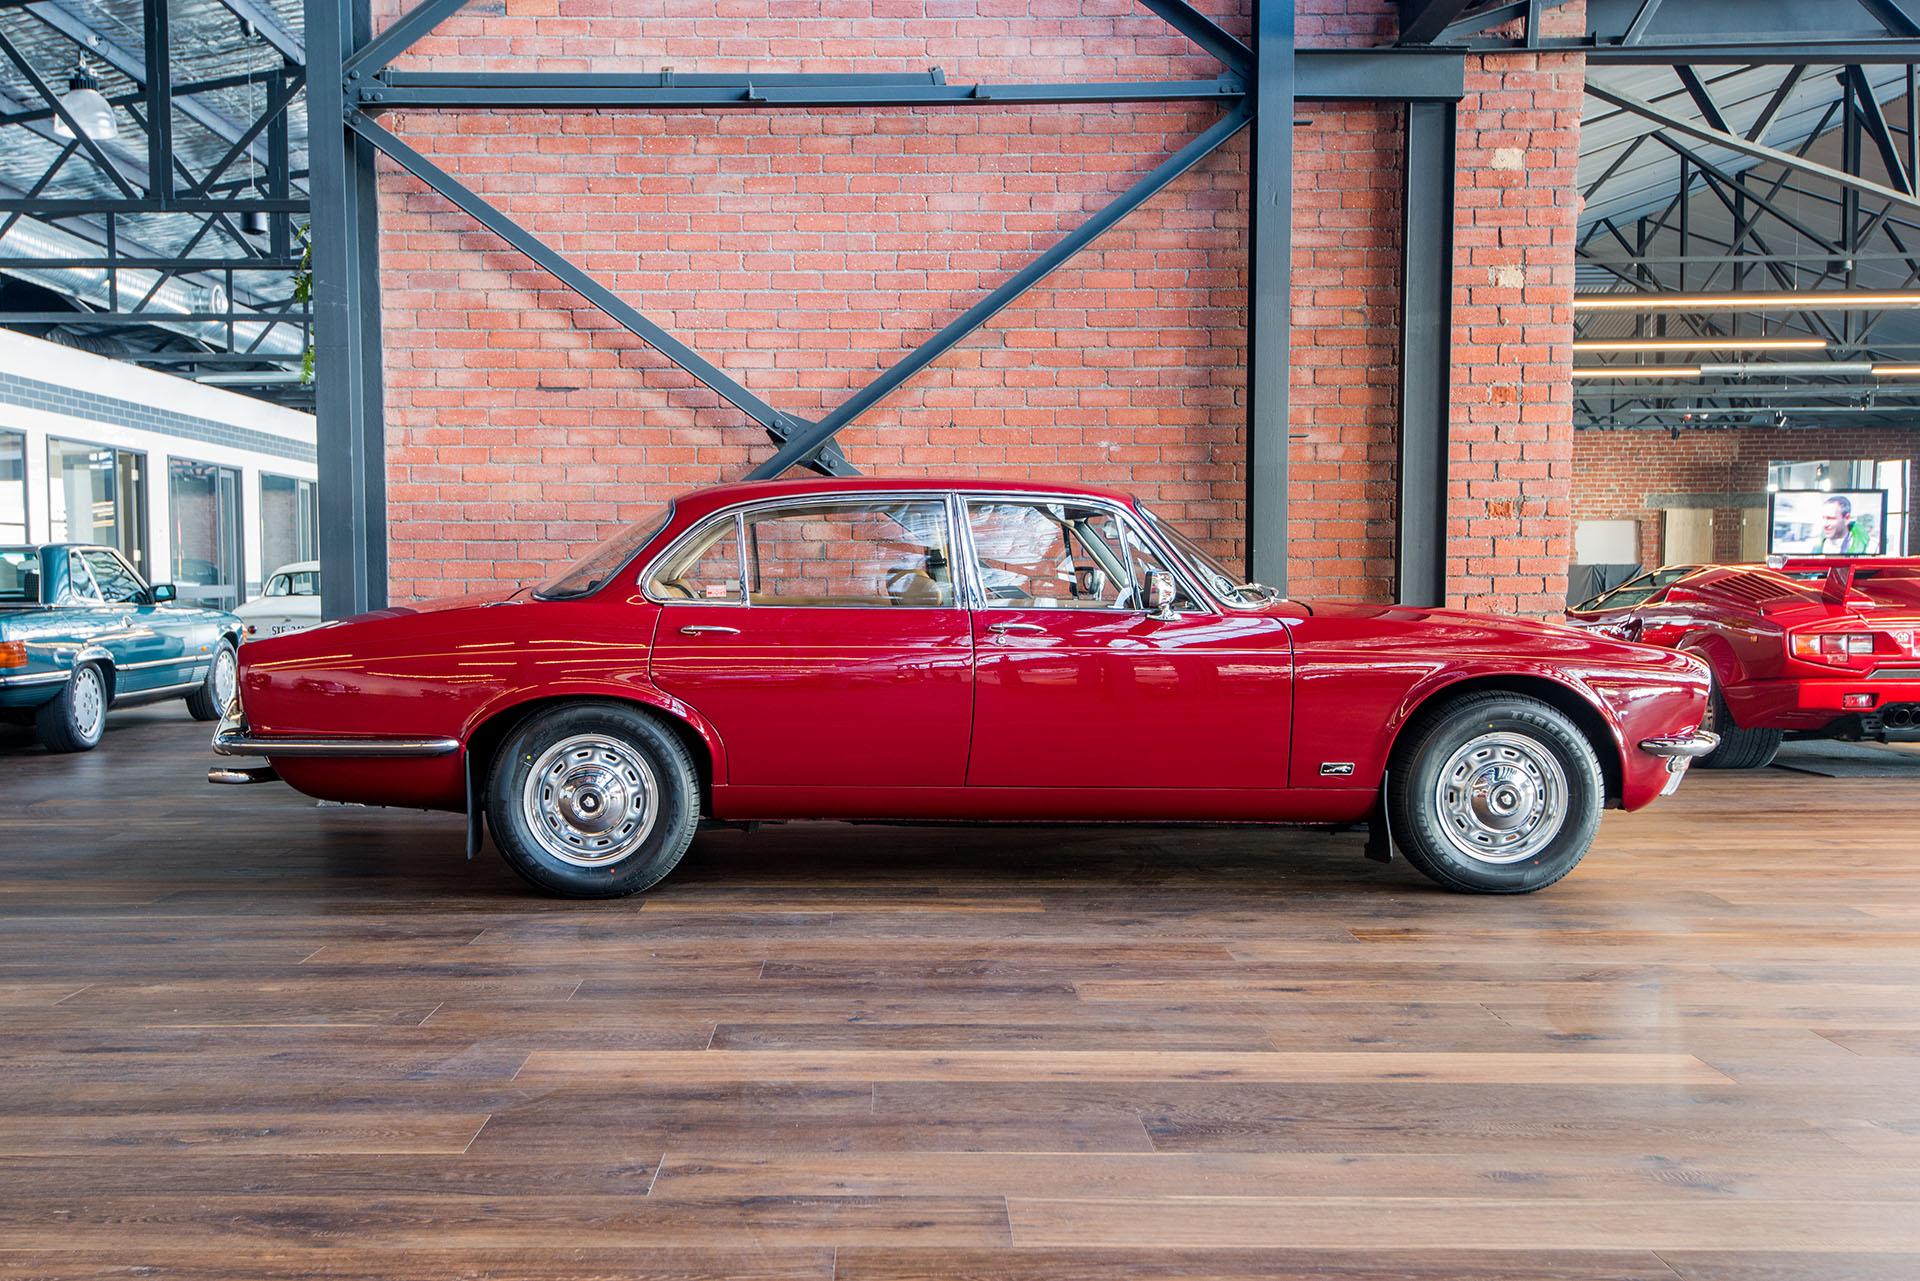 1974 Jaguar Xj6 L - Richmonds - Classic And Prestige Cars - Storage And Sales